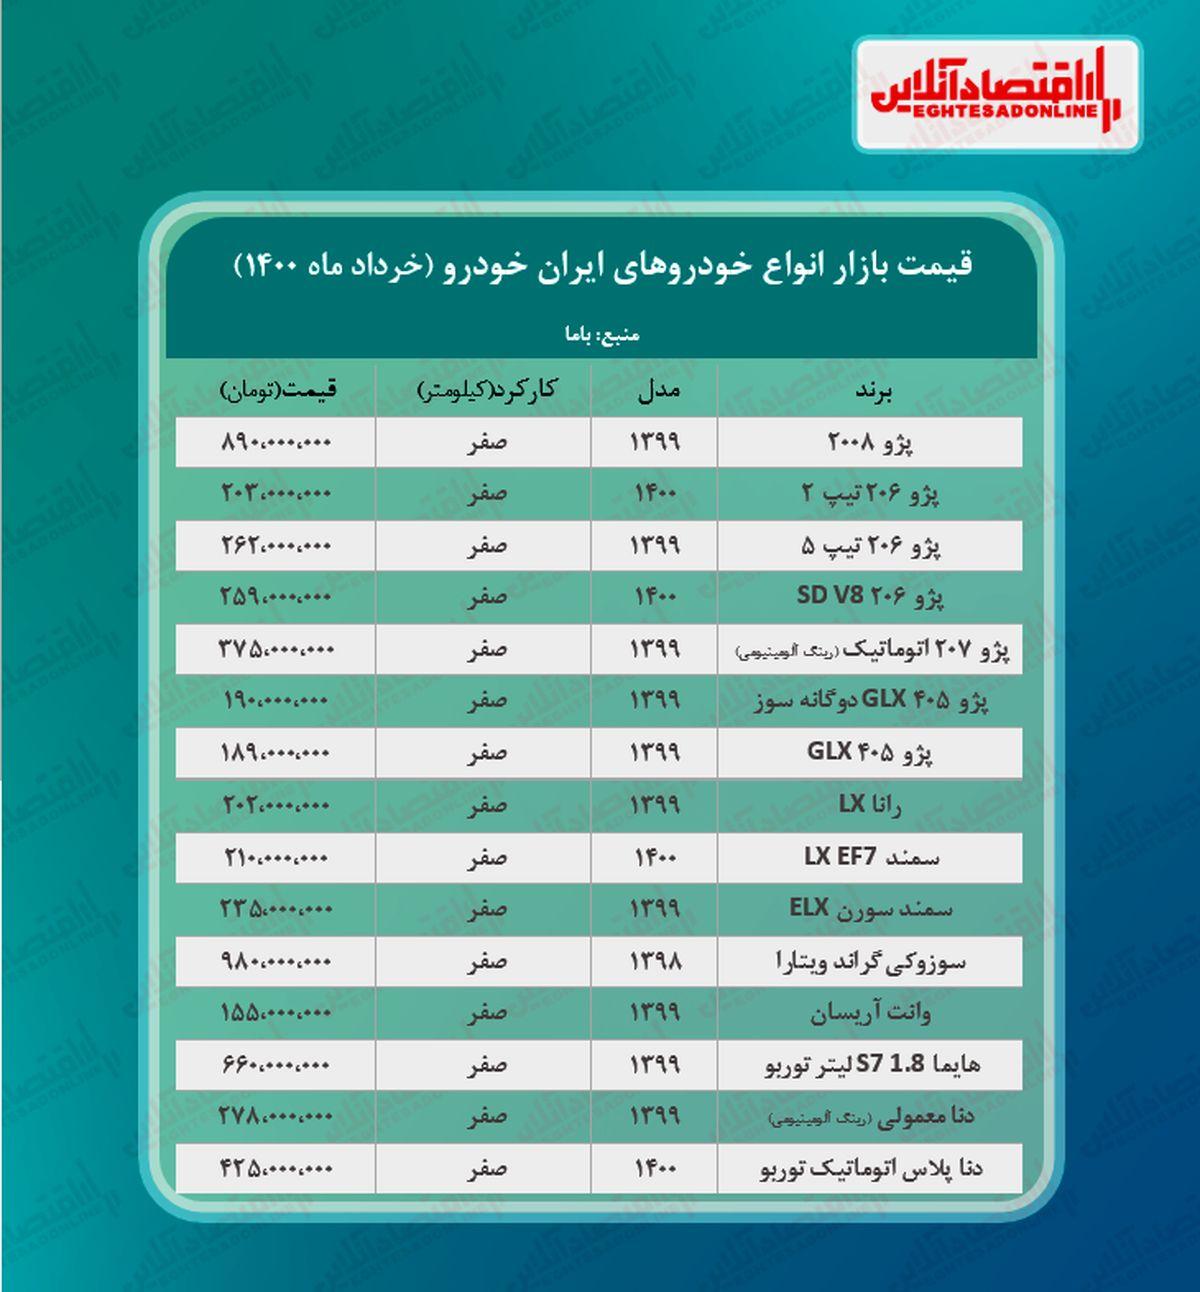 قیمت محصولات ایران خودرو در تهران + جدول